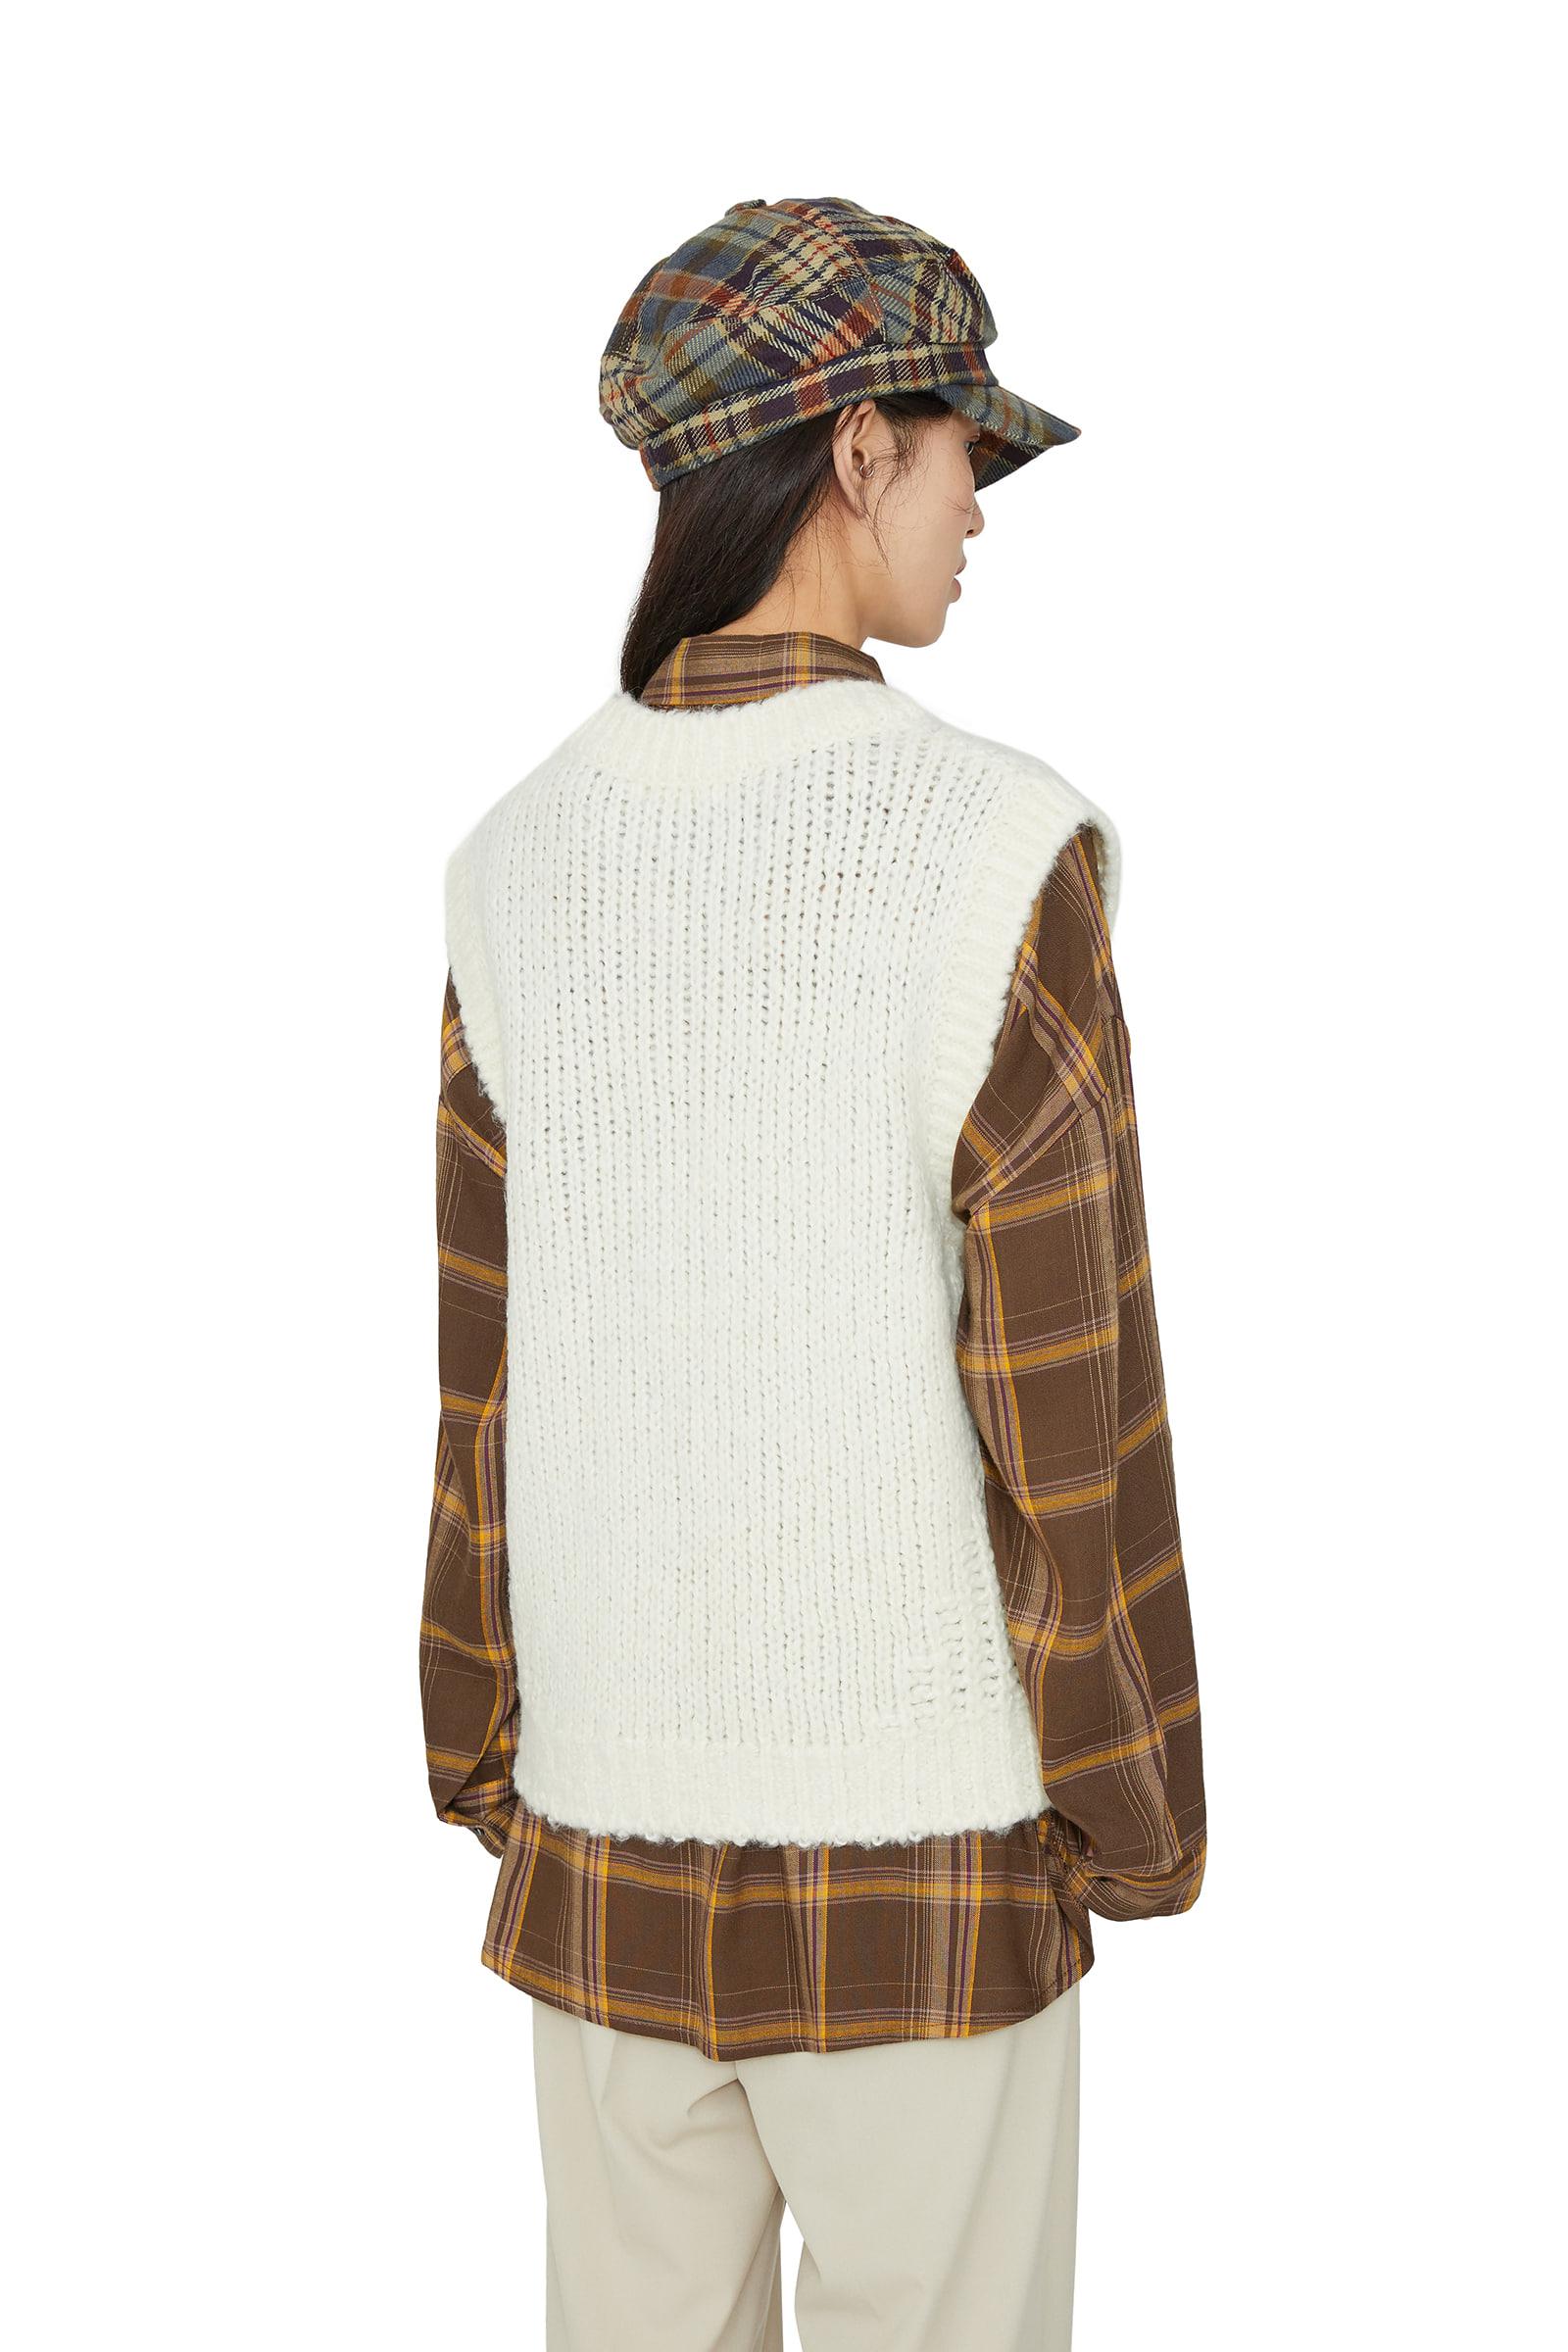 Bookle V-neck knit vest